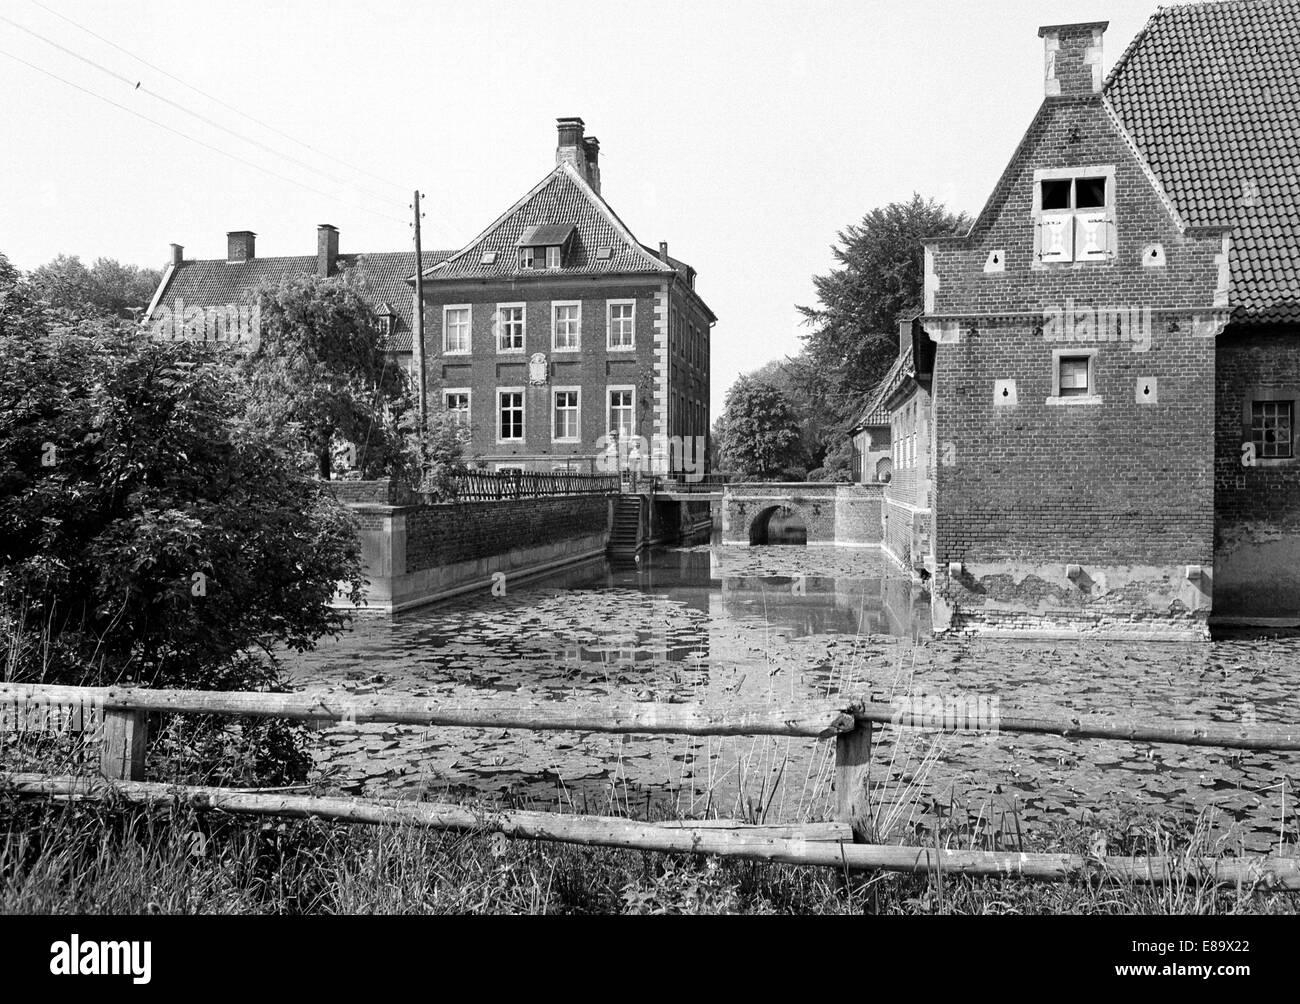 Achtziger Jahre, Wasserschloss Haus Borg in Drensteinfurt-Rinkerode im Muensterland, Nordrhein-Westfalen - Stock Image